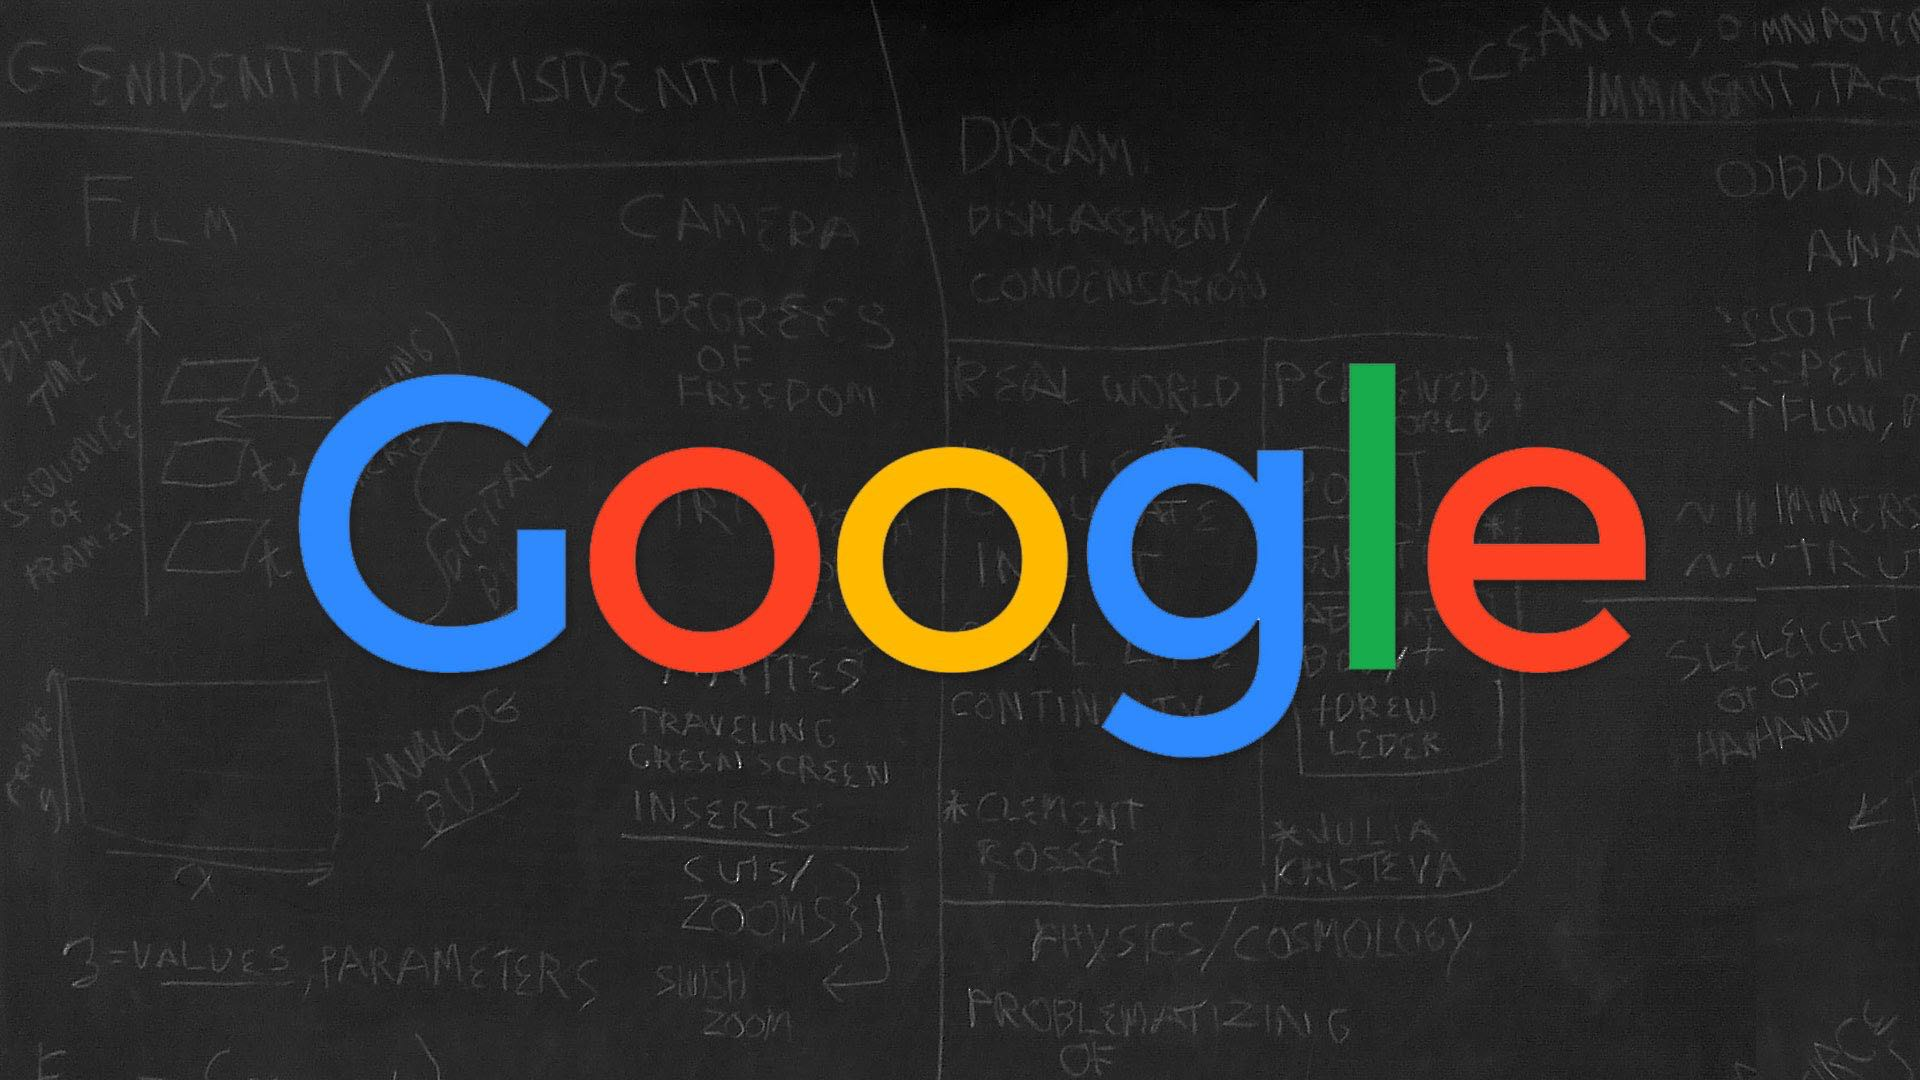 Google OS Android Andromeda OS Google 3